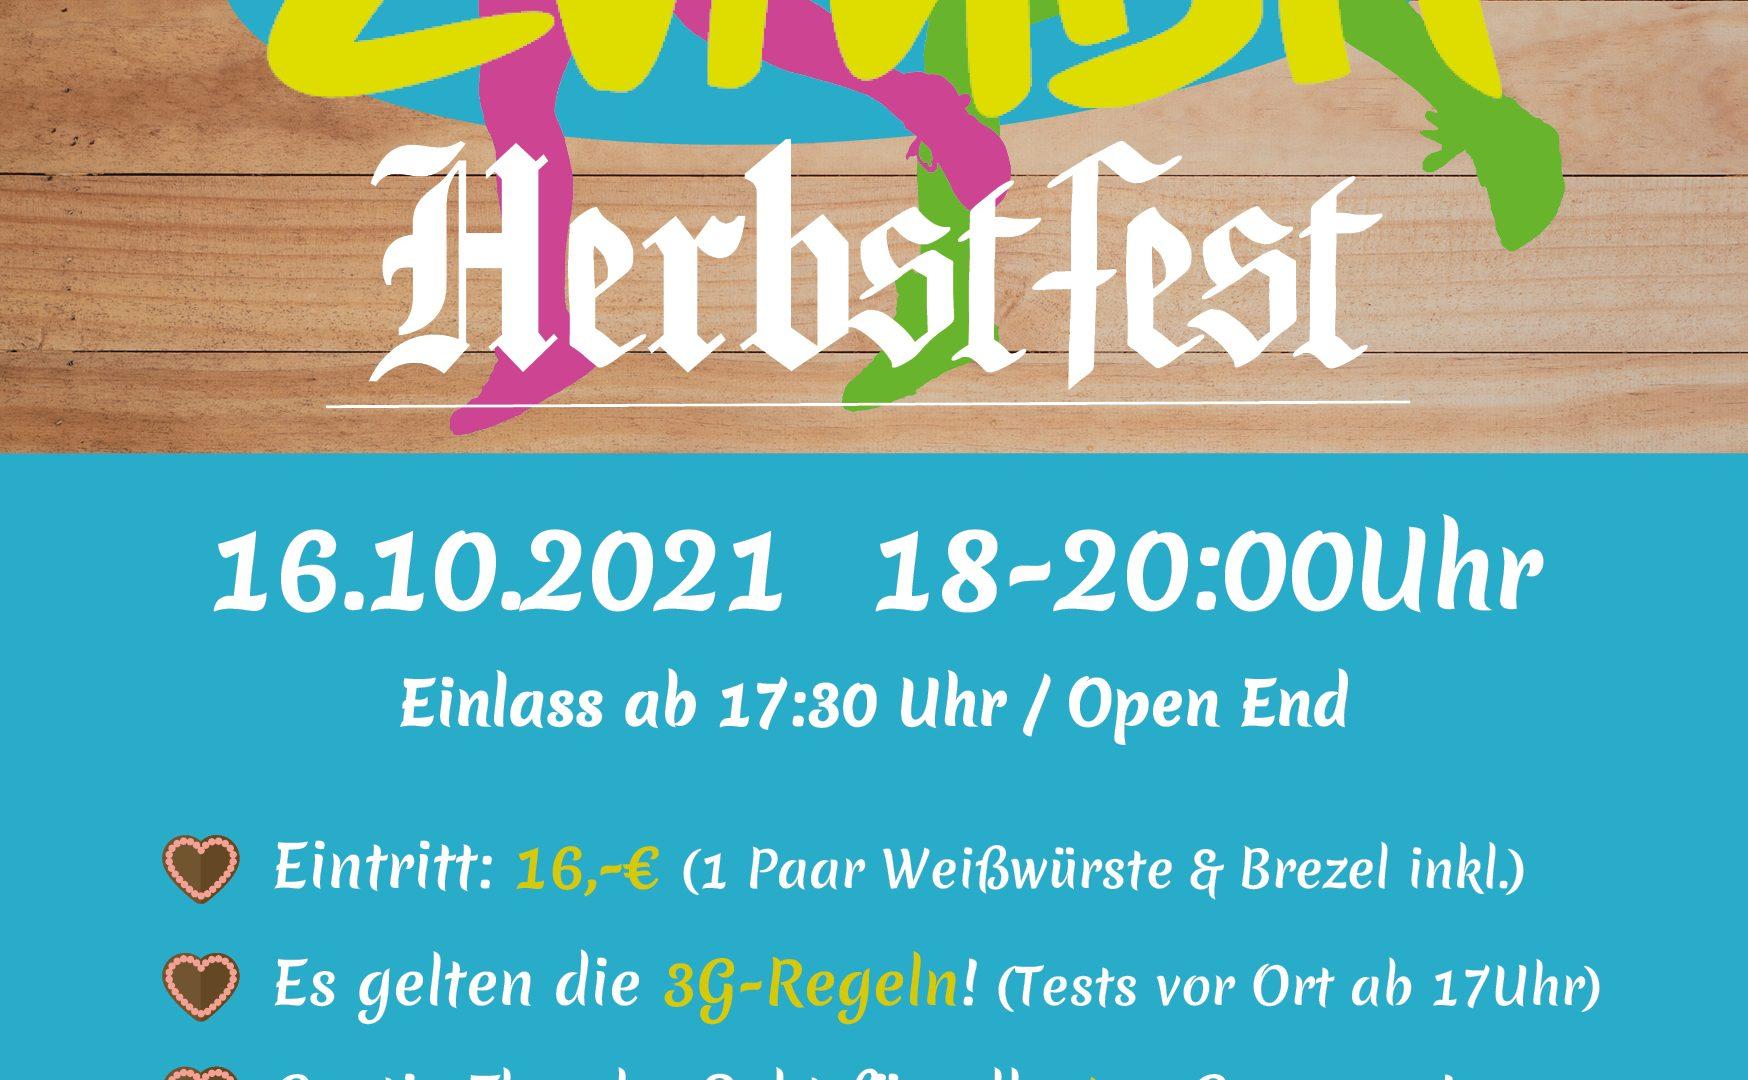 Zumba-Herbstfest 16.10.2021 - Lass' uns zusammen Tanzen!